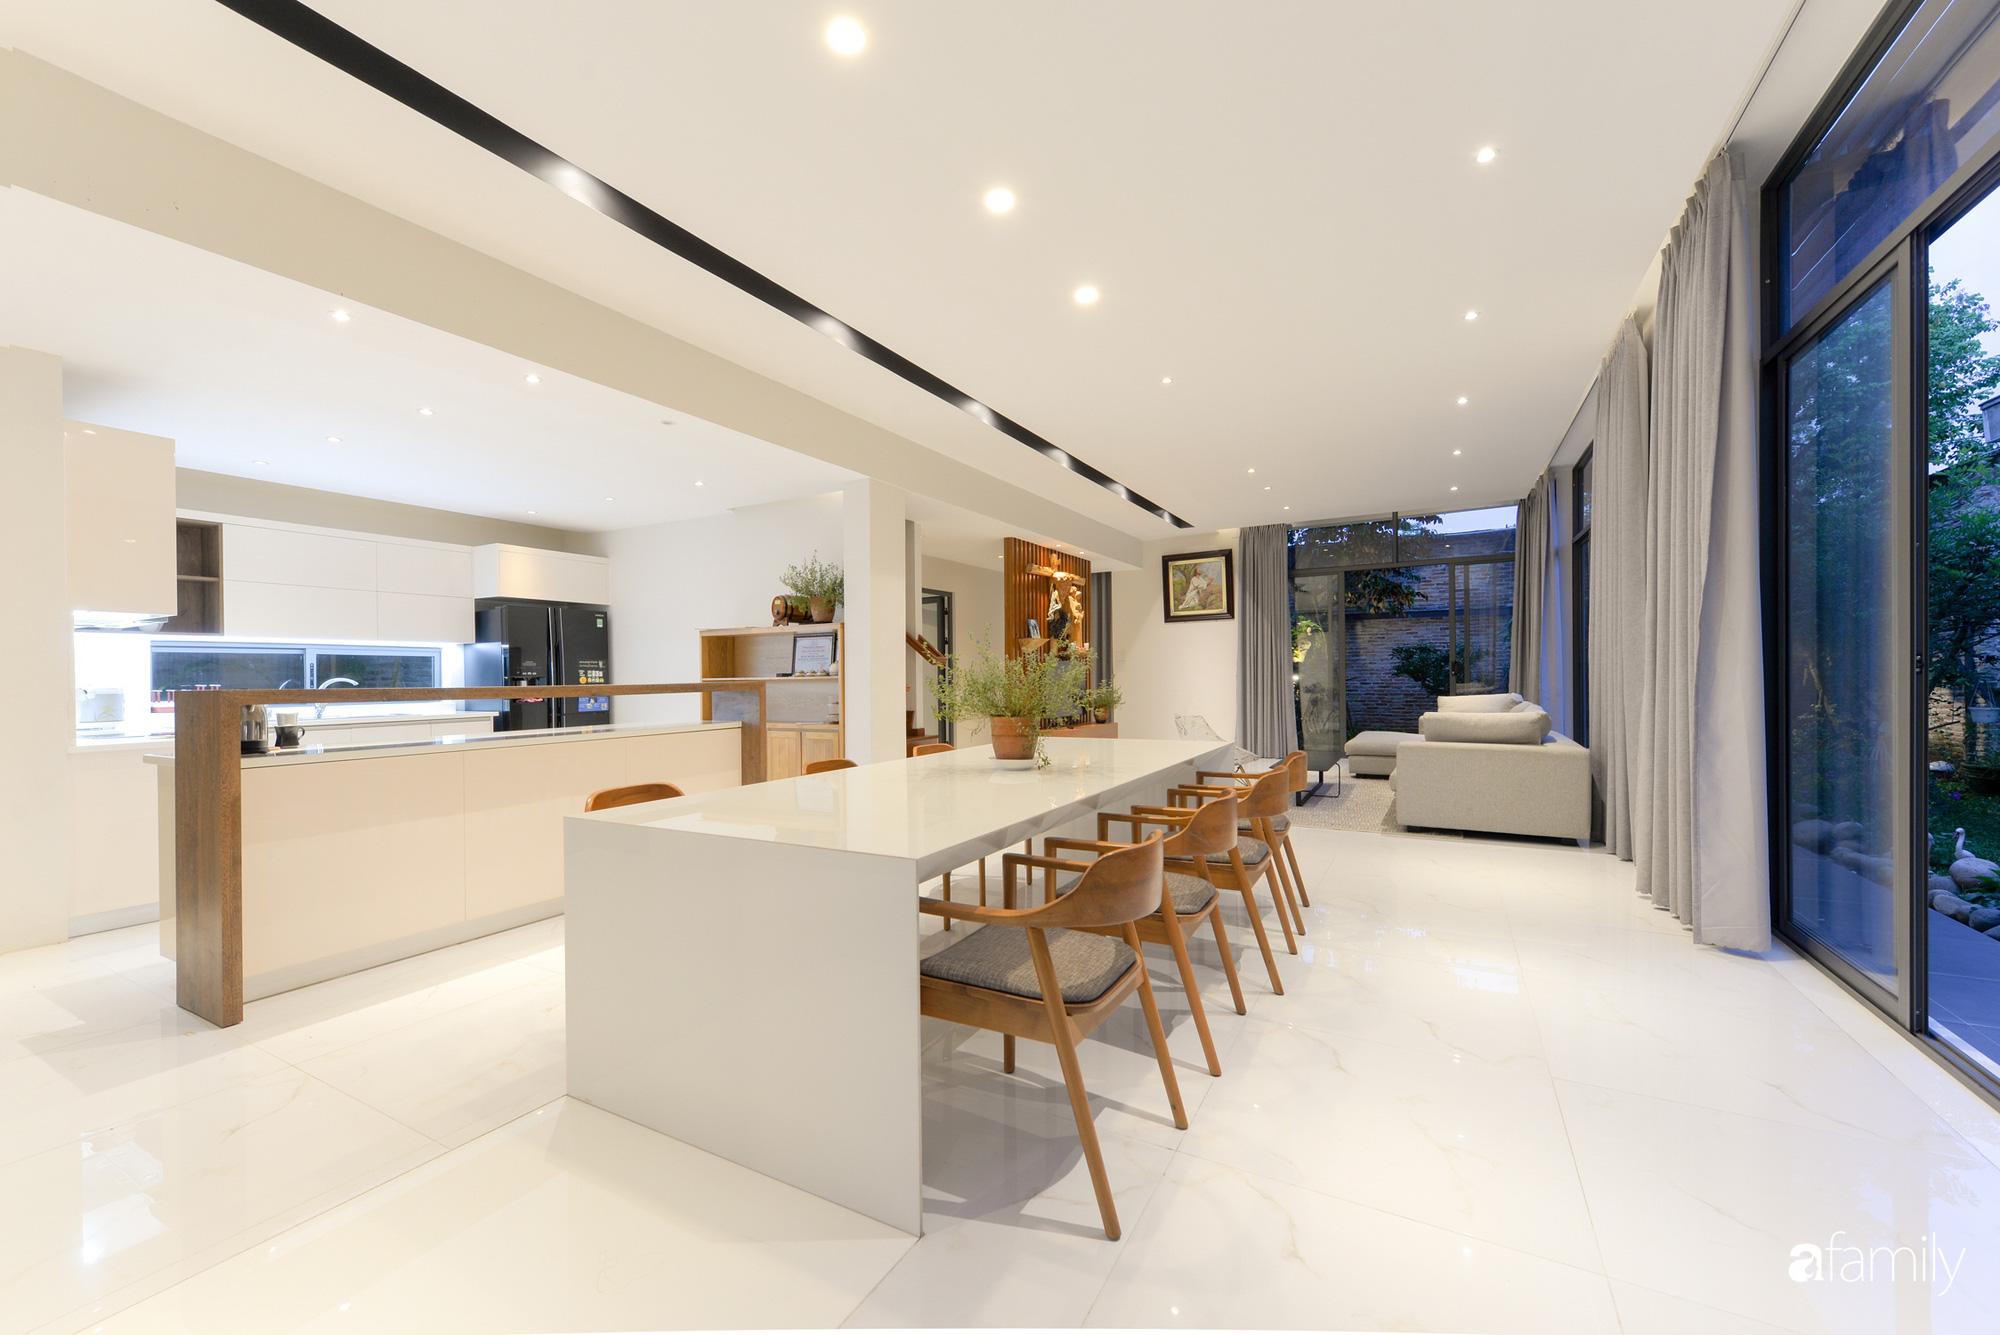 Ngôi nhà rộn ràng sắc màu cây xnh và ánh sáng i ngắm cũng yêu ở TP Biên Hò, Đồng Ni - Ảnh 9.